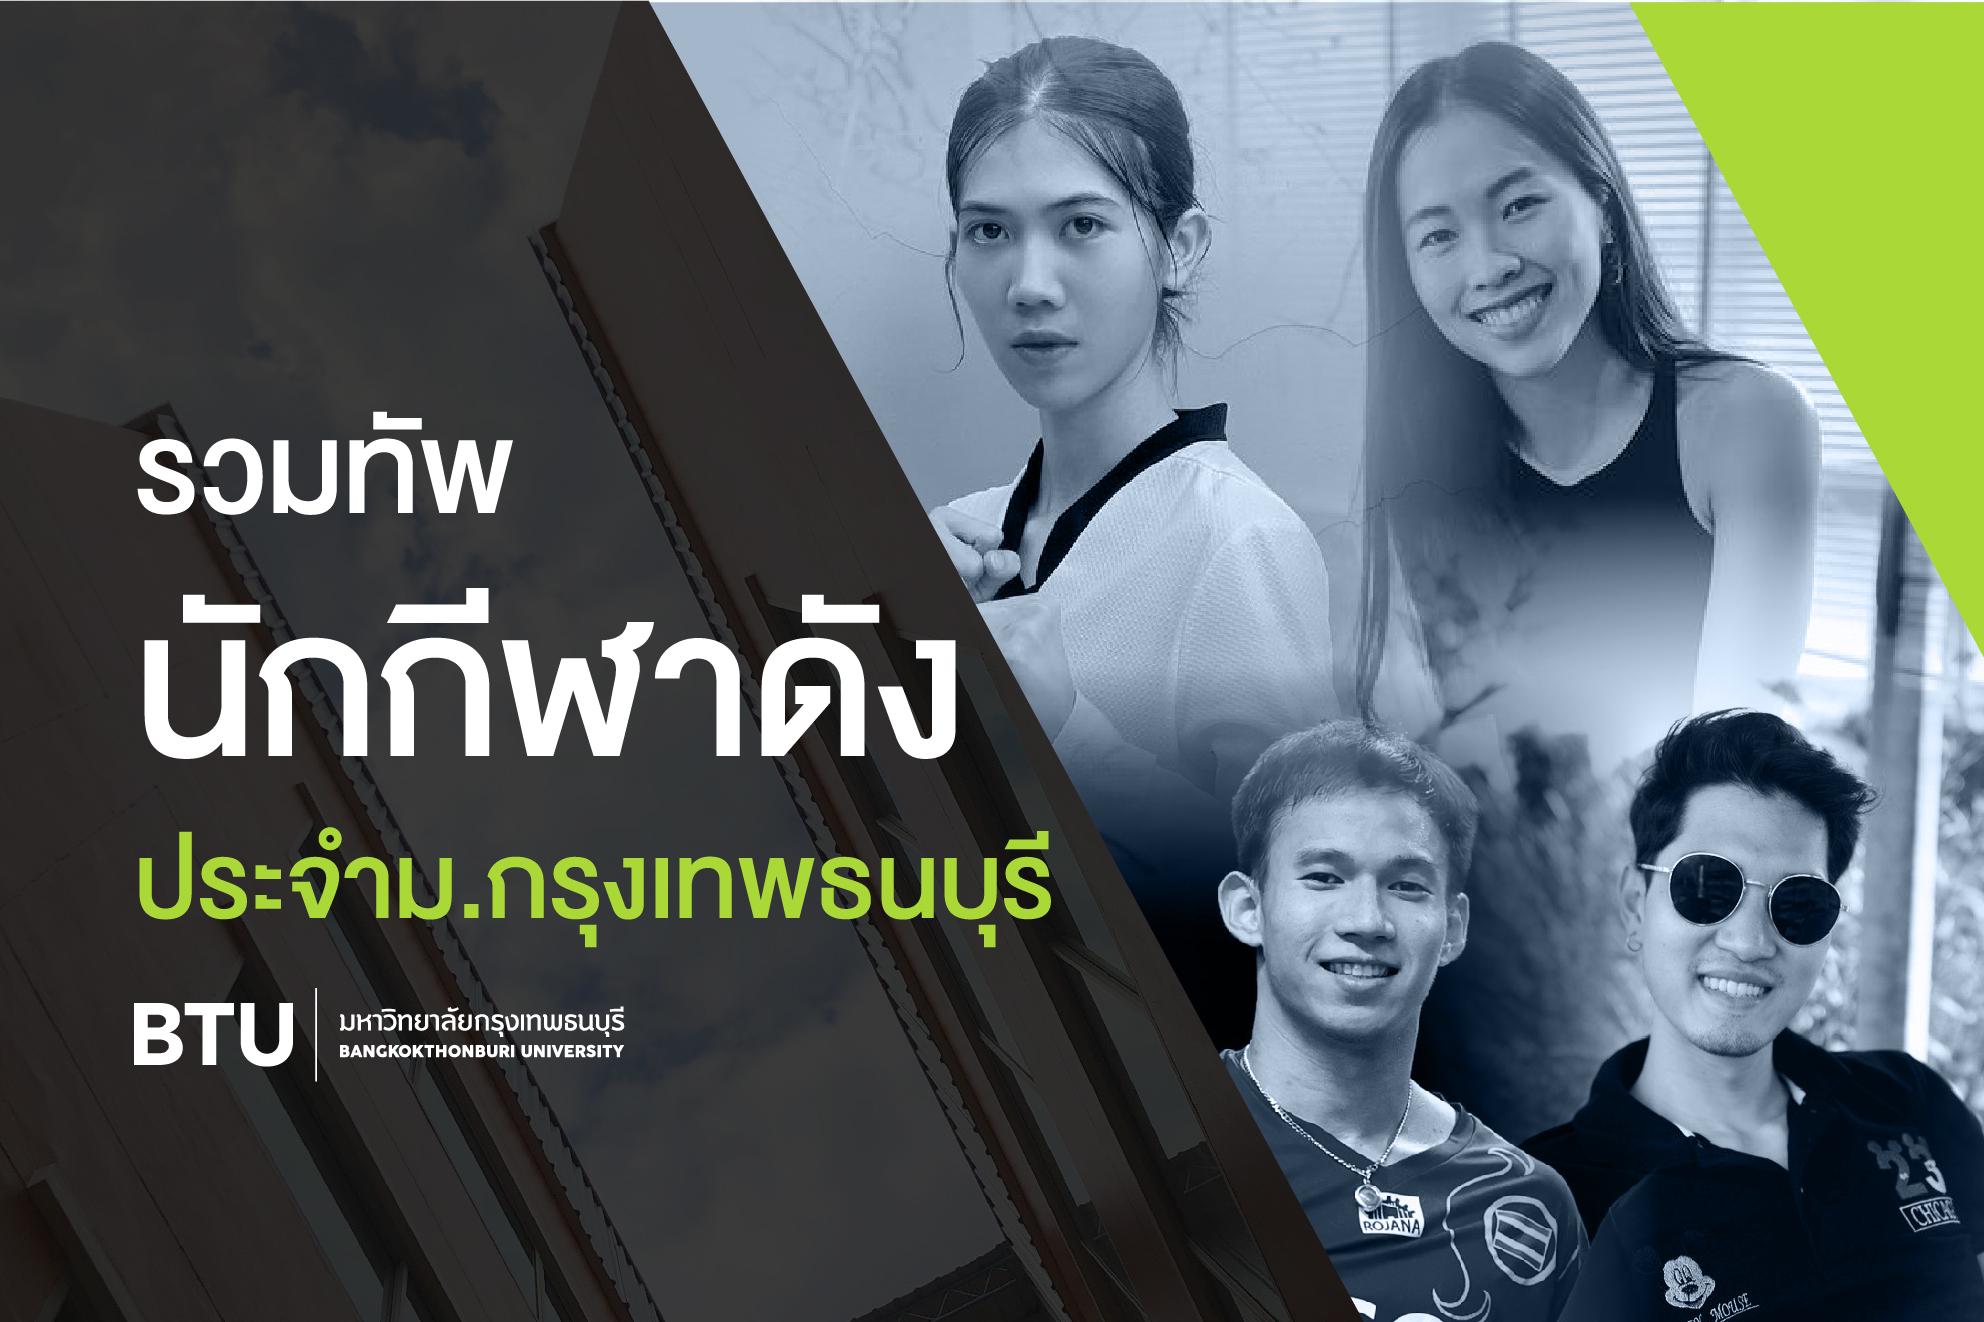 เปิดวาร์ป นักกีฬาดังกว่า 35 ชีวิต ฝีมือระดับชาติจนถึงระดับโลกของม.กรุงเทพธนบุรี